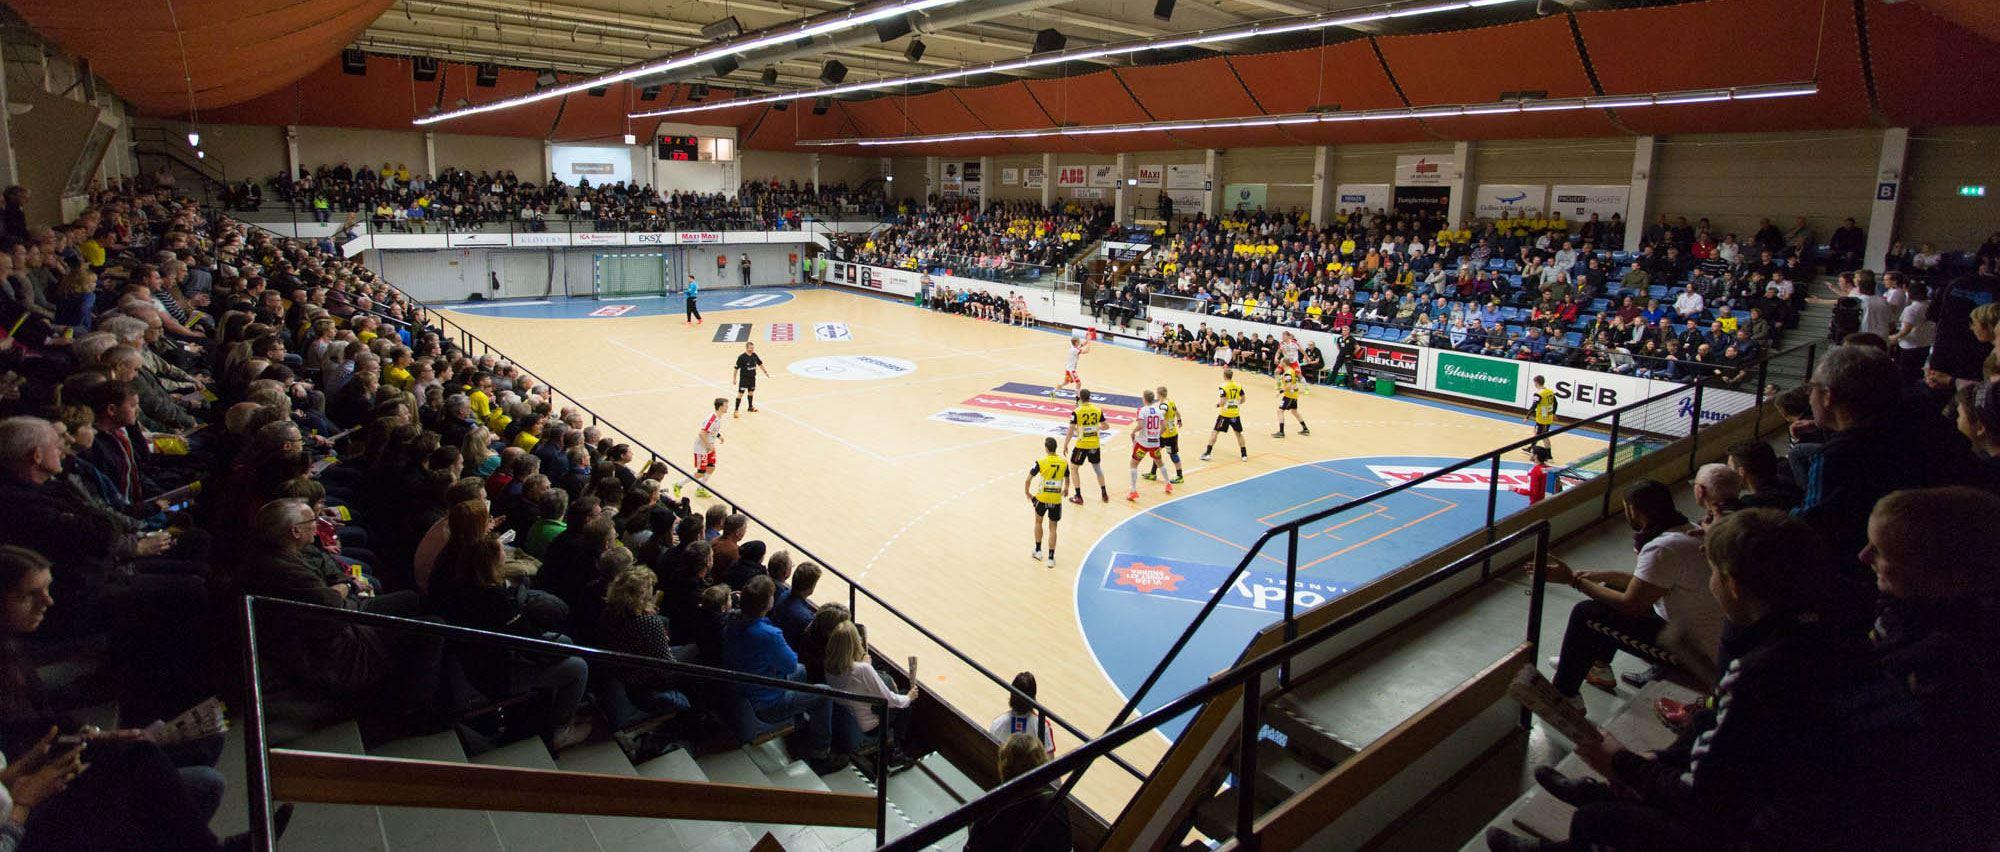 Elitseriematch i handboll - HiF Karlskrona - IFK Sködve HK